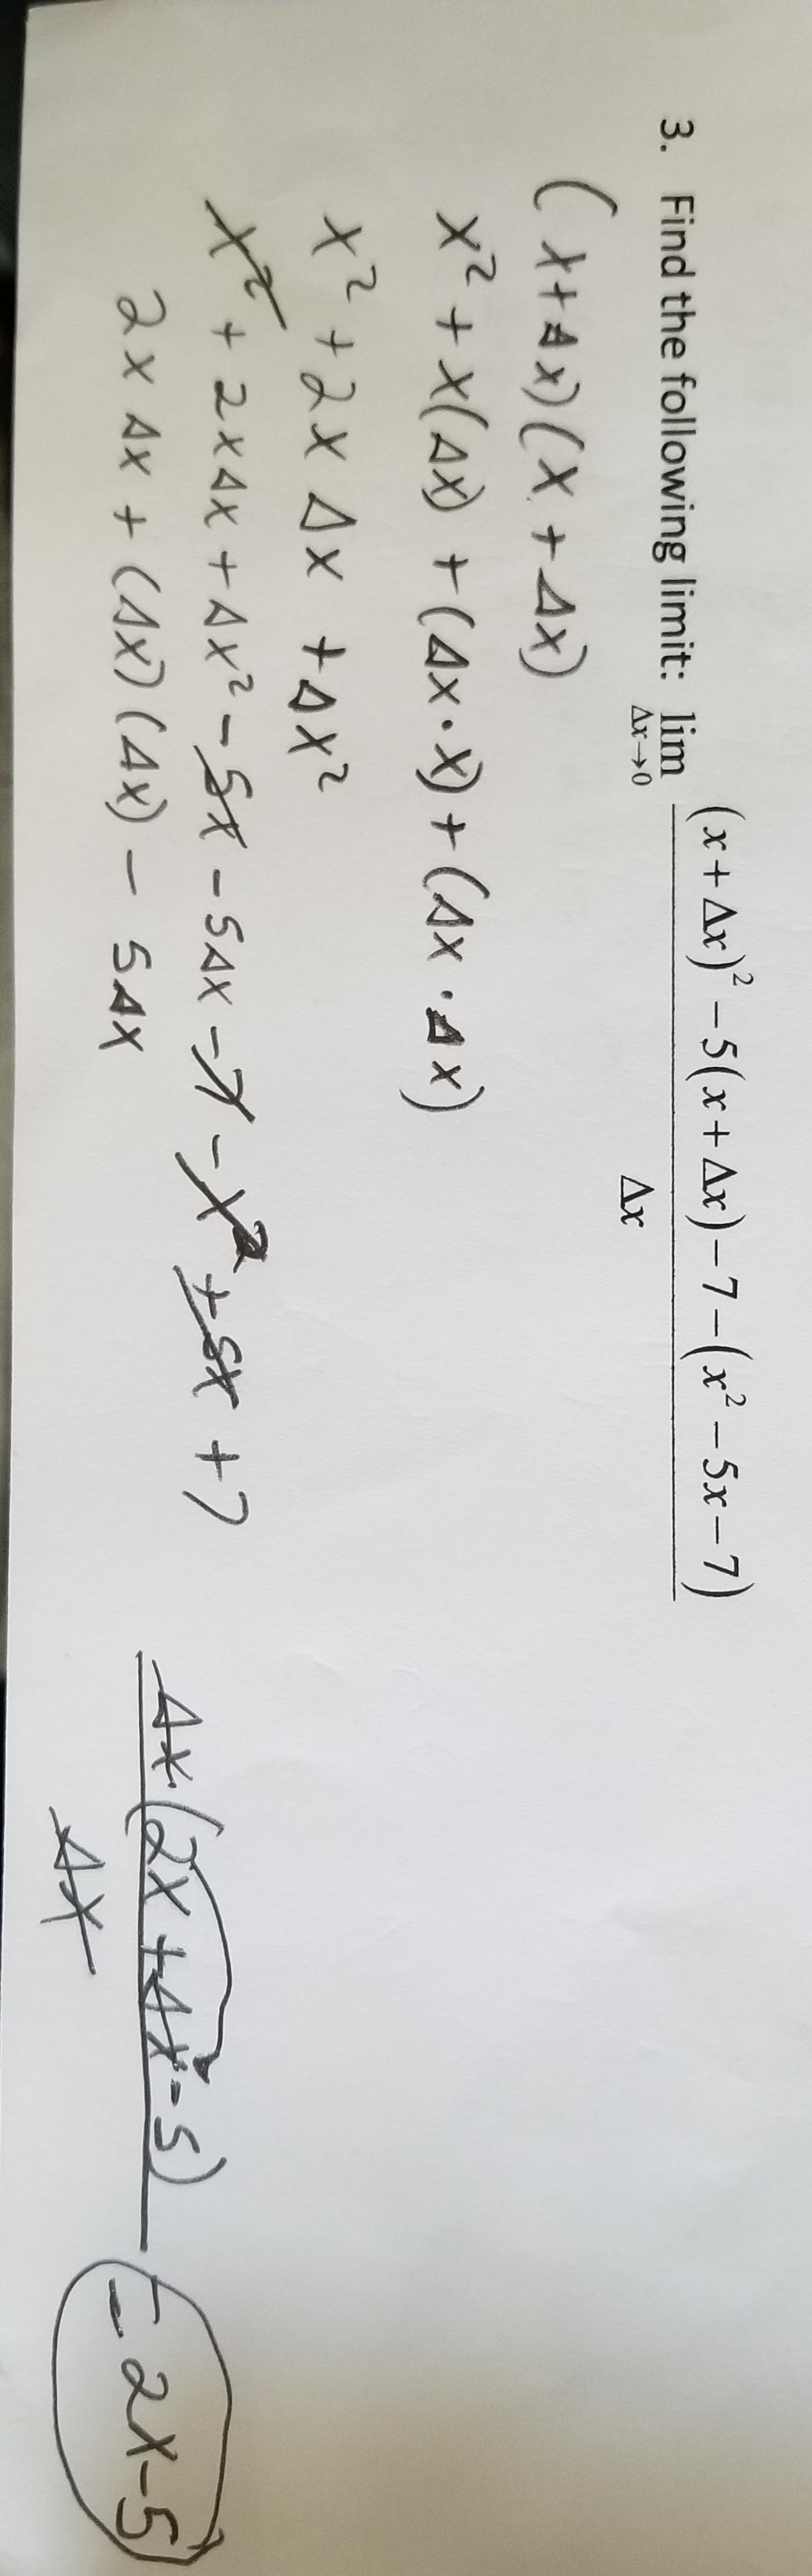 3. Find the following limit: lim + Ax)-5(x+Ar)-7-(x-5x-7) A(XAx) Xx(A)(4x-) + (Ax AX) x22xAx sx Ax- 0 Ax + 2x4x +Ax2-SA-SAX--X ax Ax + CAx) (4x)- 54x +7 4xl2x tAX-S) ax-s